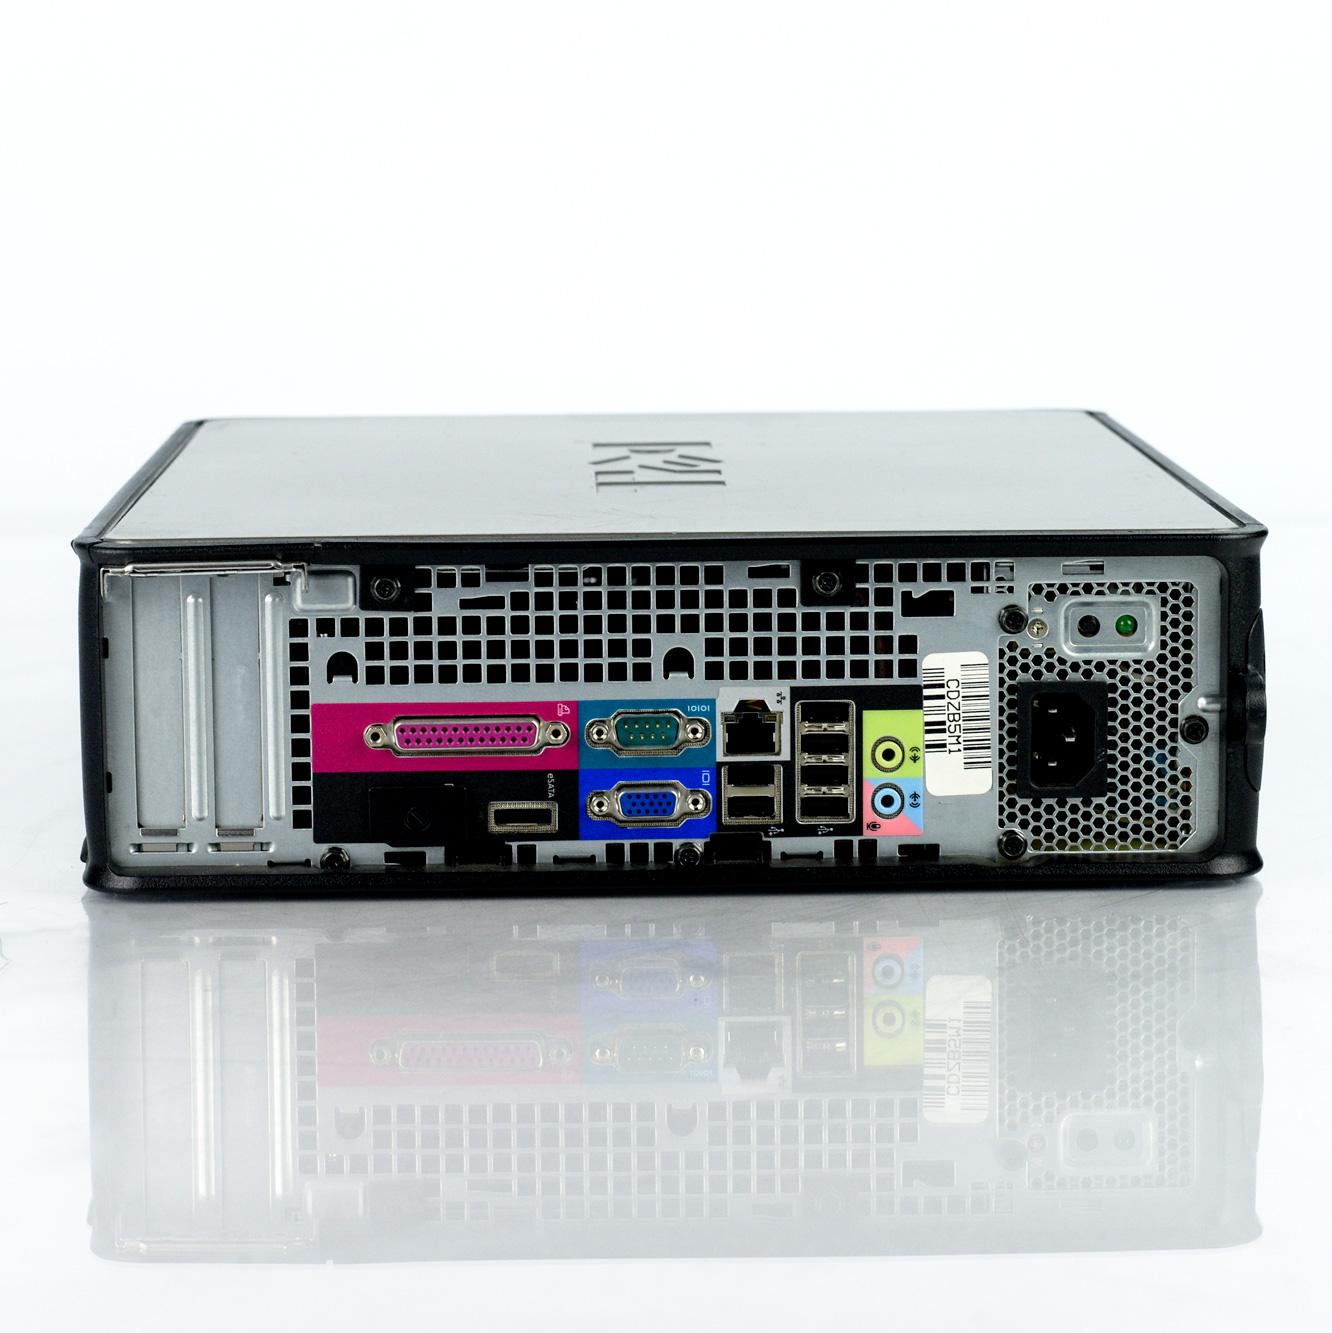 Dell Optiplex 780 SFF Core 2 Duo E8400 3.0GHz 4GB 250GB Win 10 Pro ...